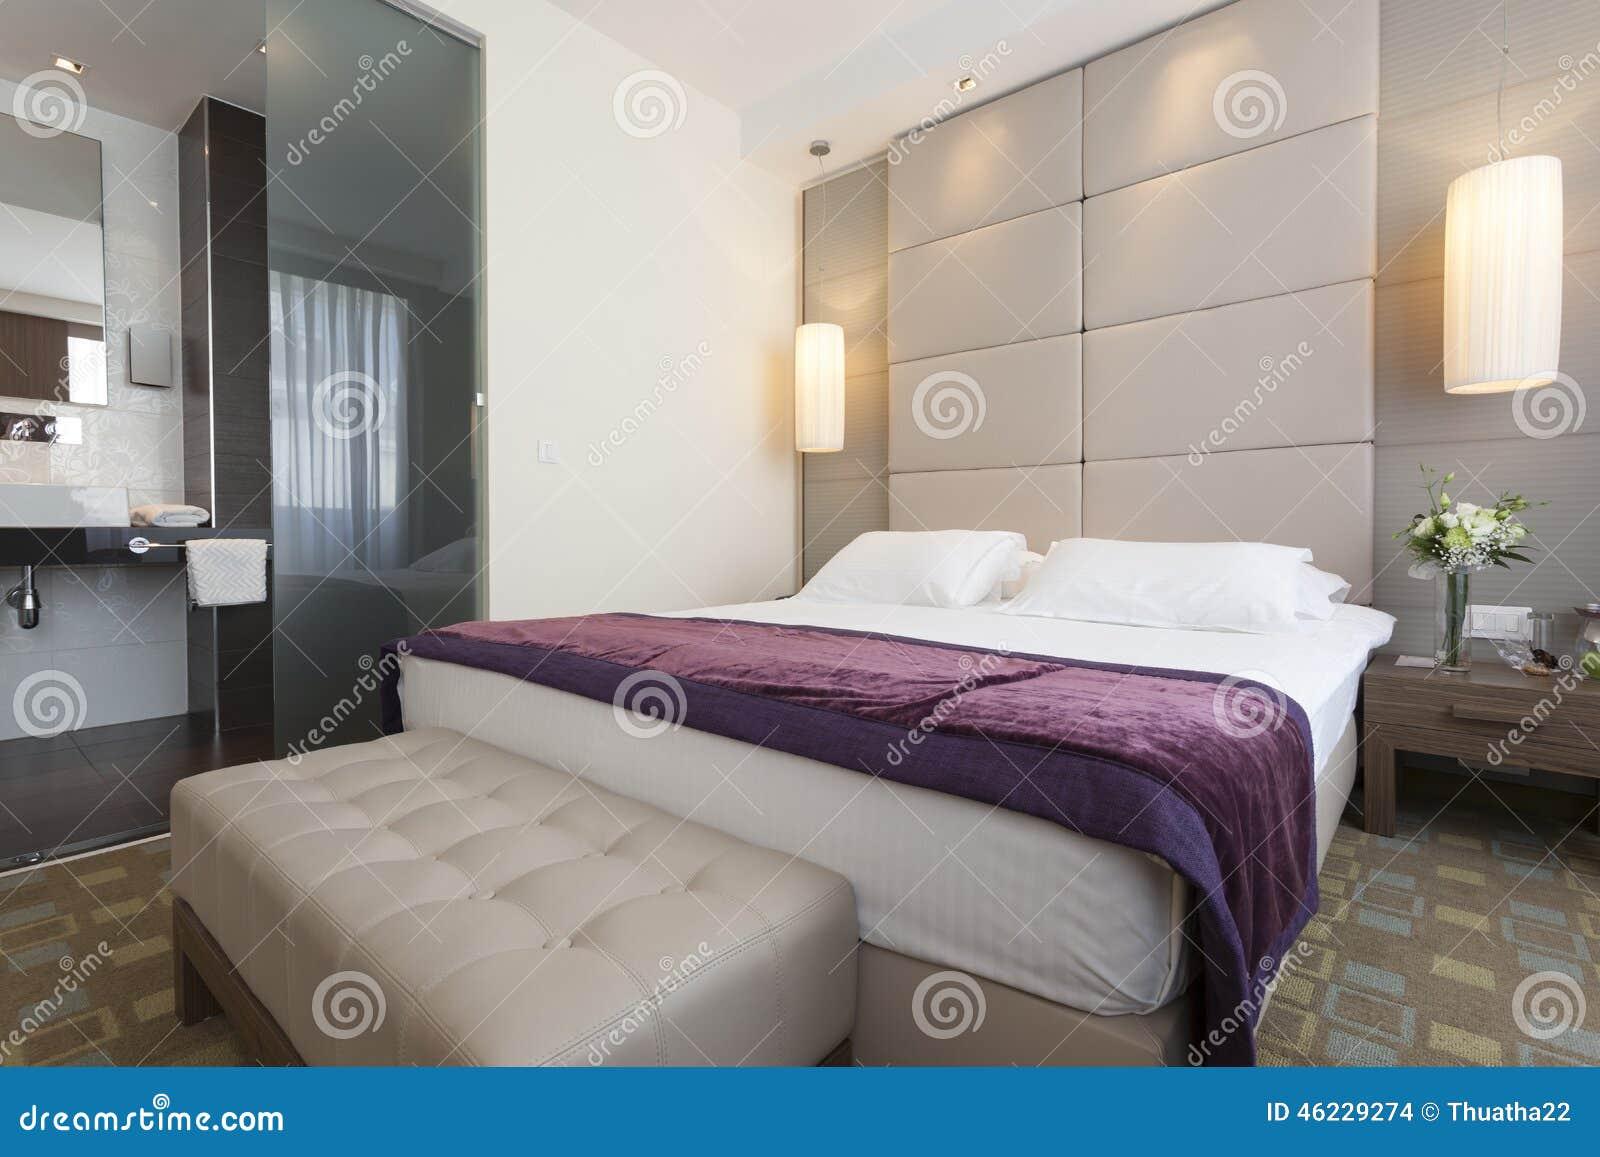 Mais imagens similares de ` Interior de um quarto do hotel de luxo com  #6B4B64 1300 957